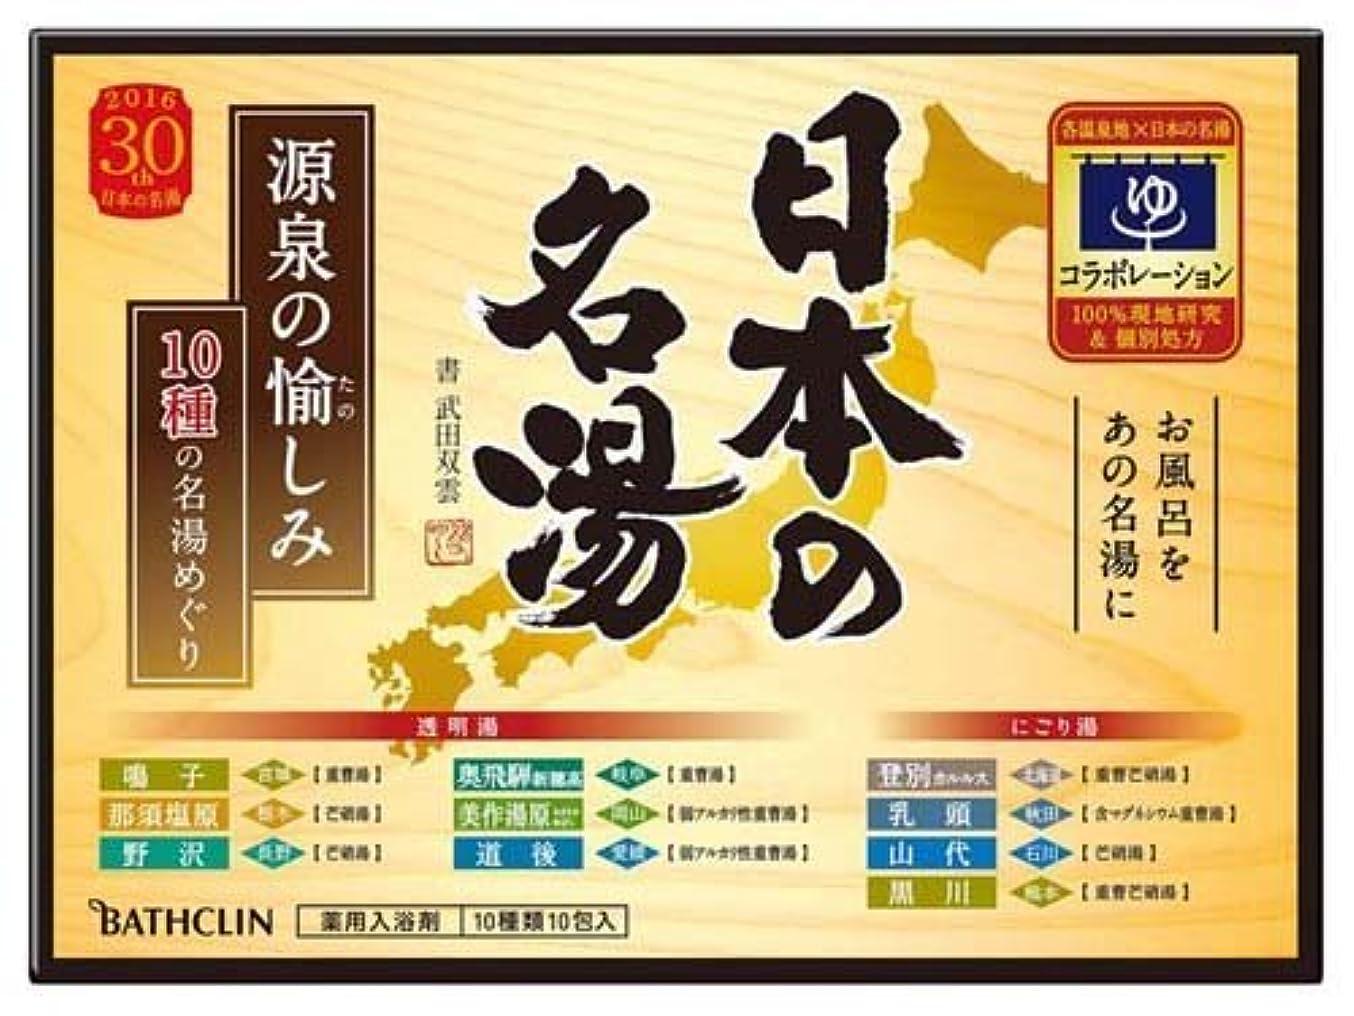 大学朝感嘆日本の名湯 源泉の愉しみ 30g 10包入り 入浴剤 (医薬部外品) × 3個セット